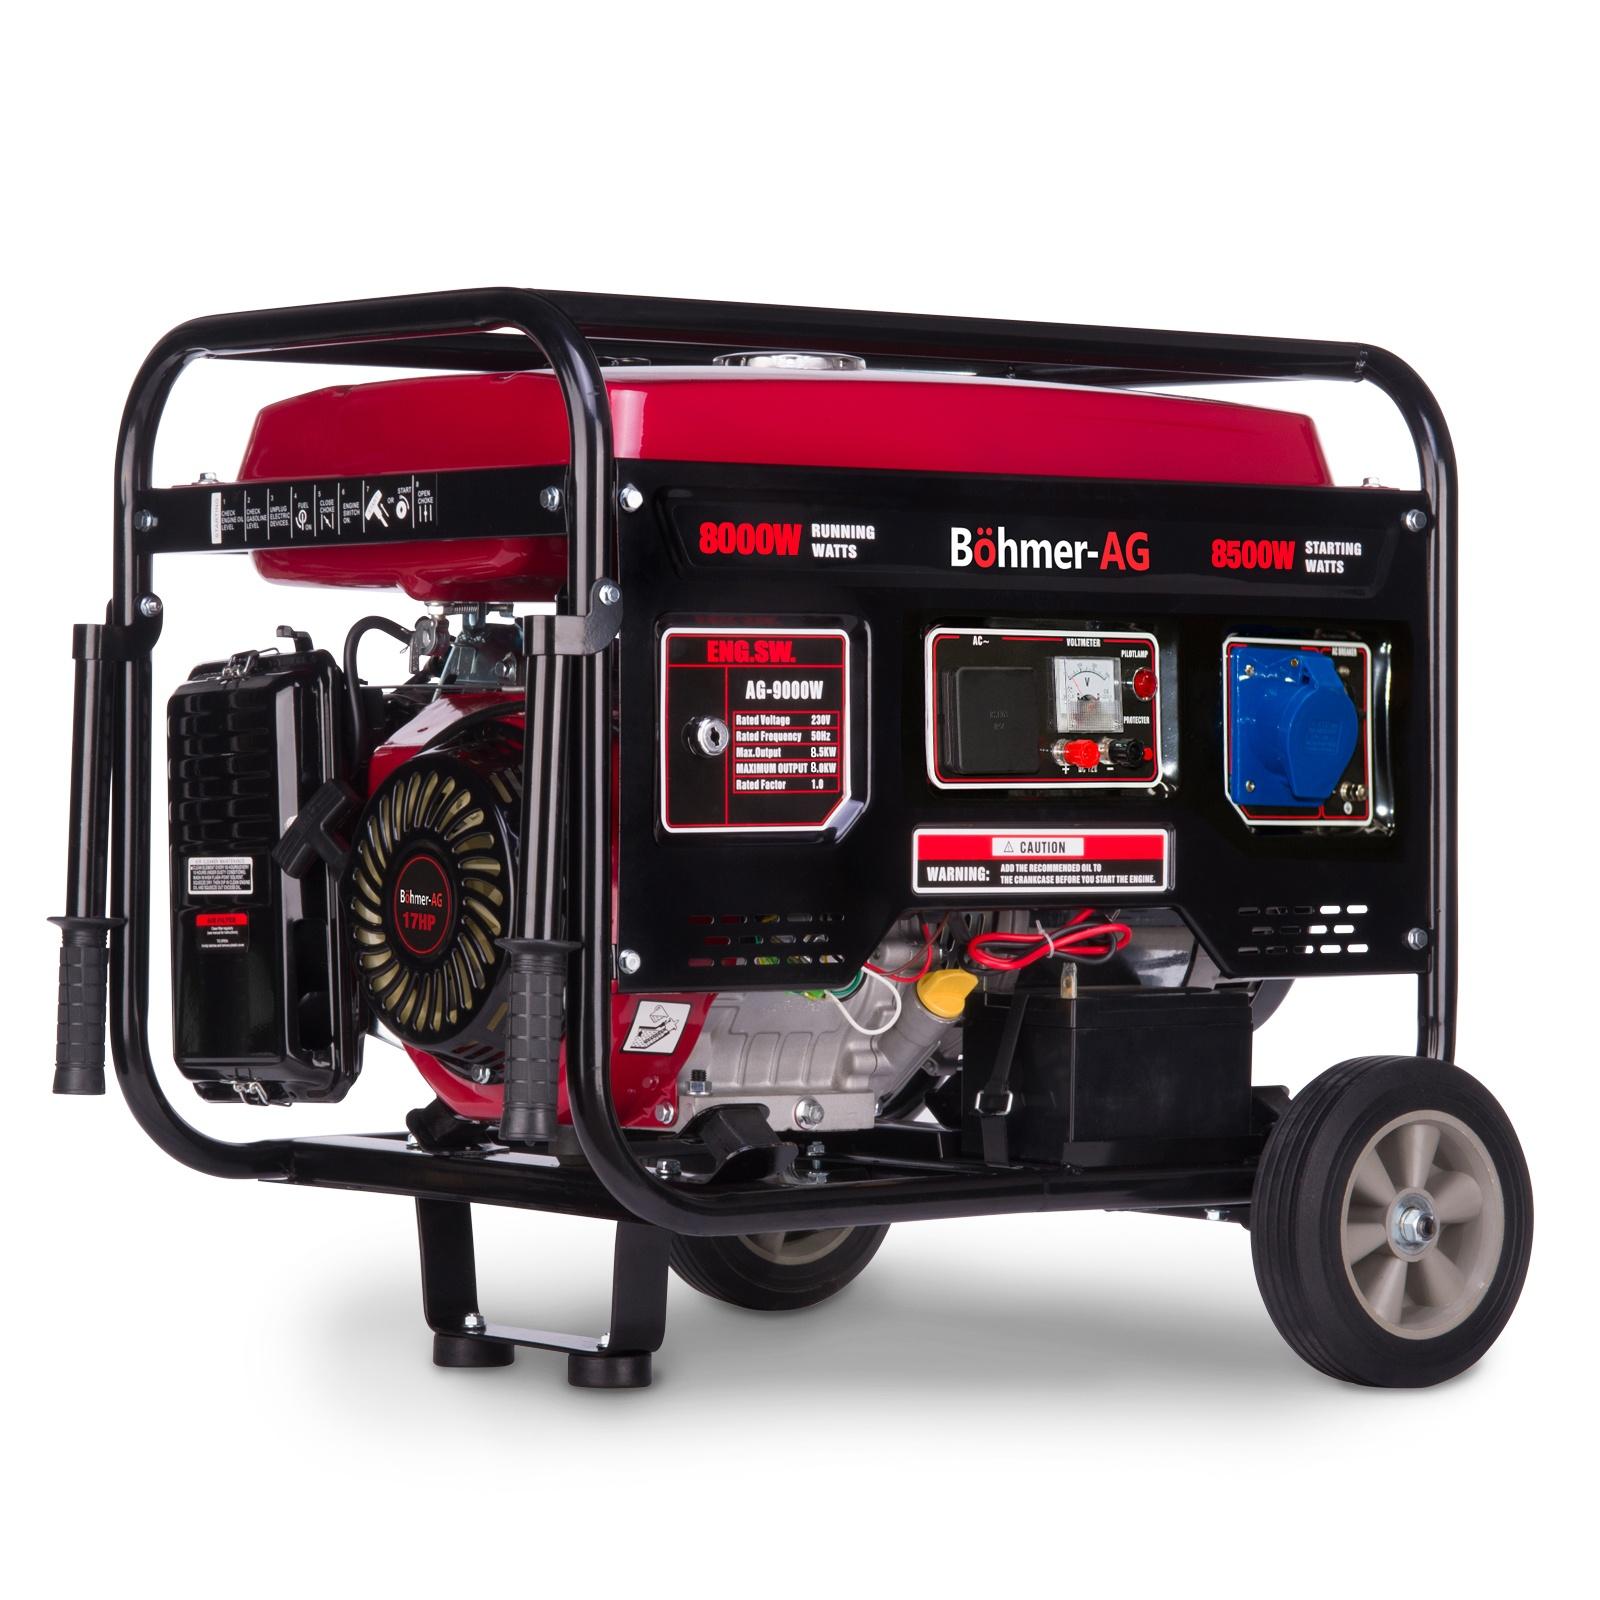 Böhmer-AG  9000-W Industrial Generator